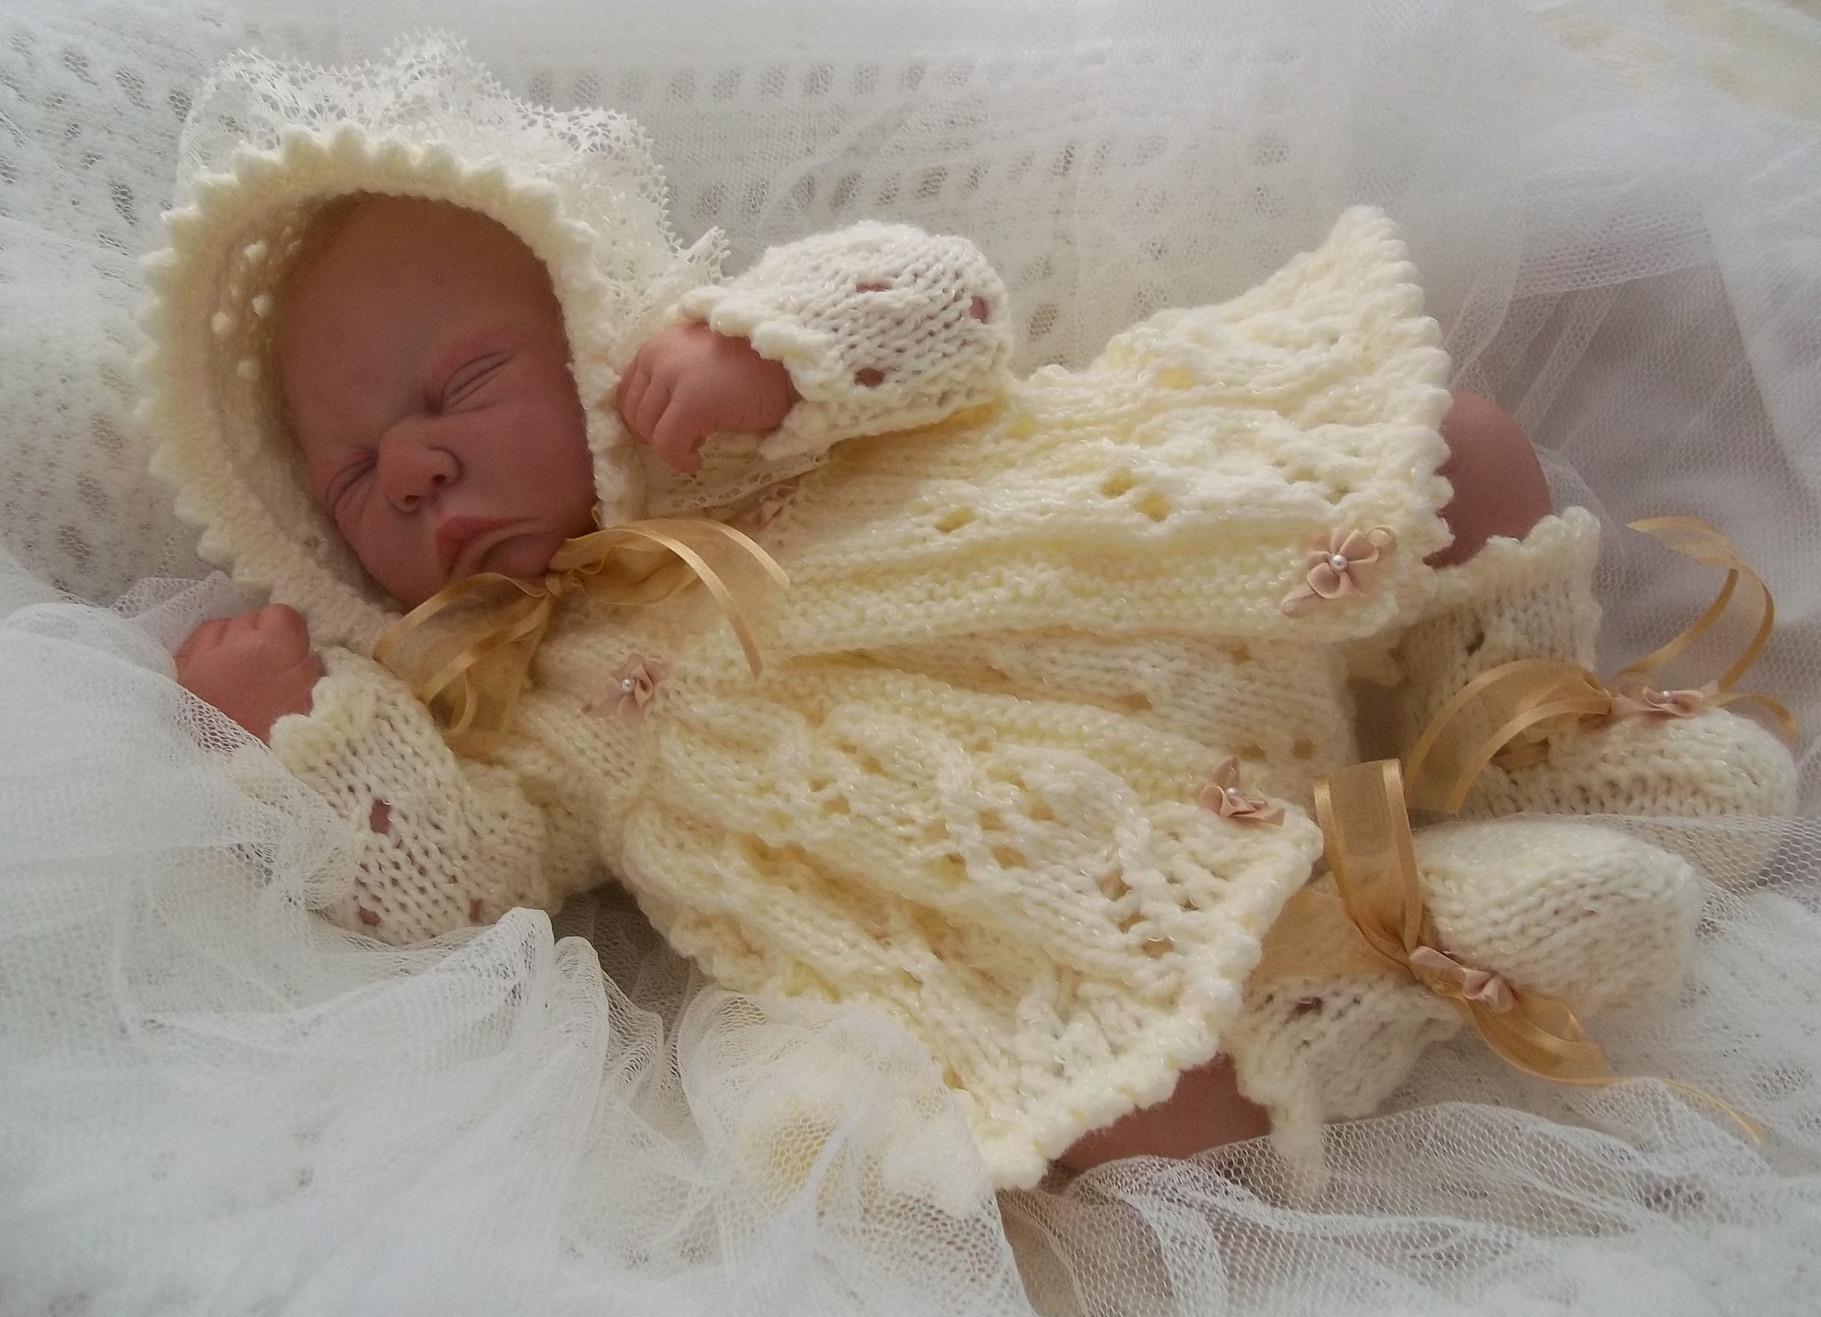 Knitting Patterns Uk tipeetoes designer baby knitting patterns, baby outfits, beanies u0026 booties qnnezsu